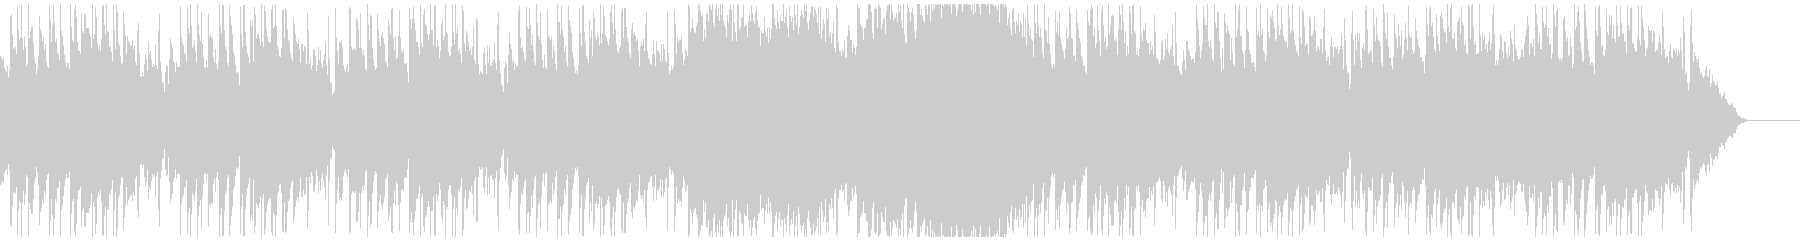 グロッケンが可愛い跳ねたリズムのインストの未再生の波形